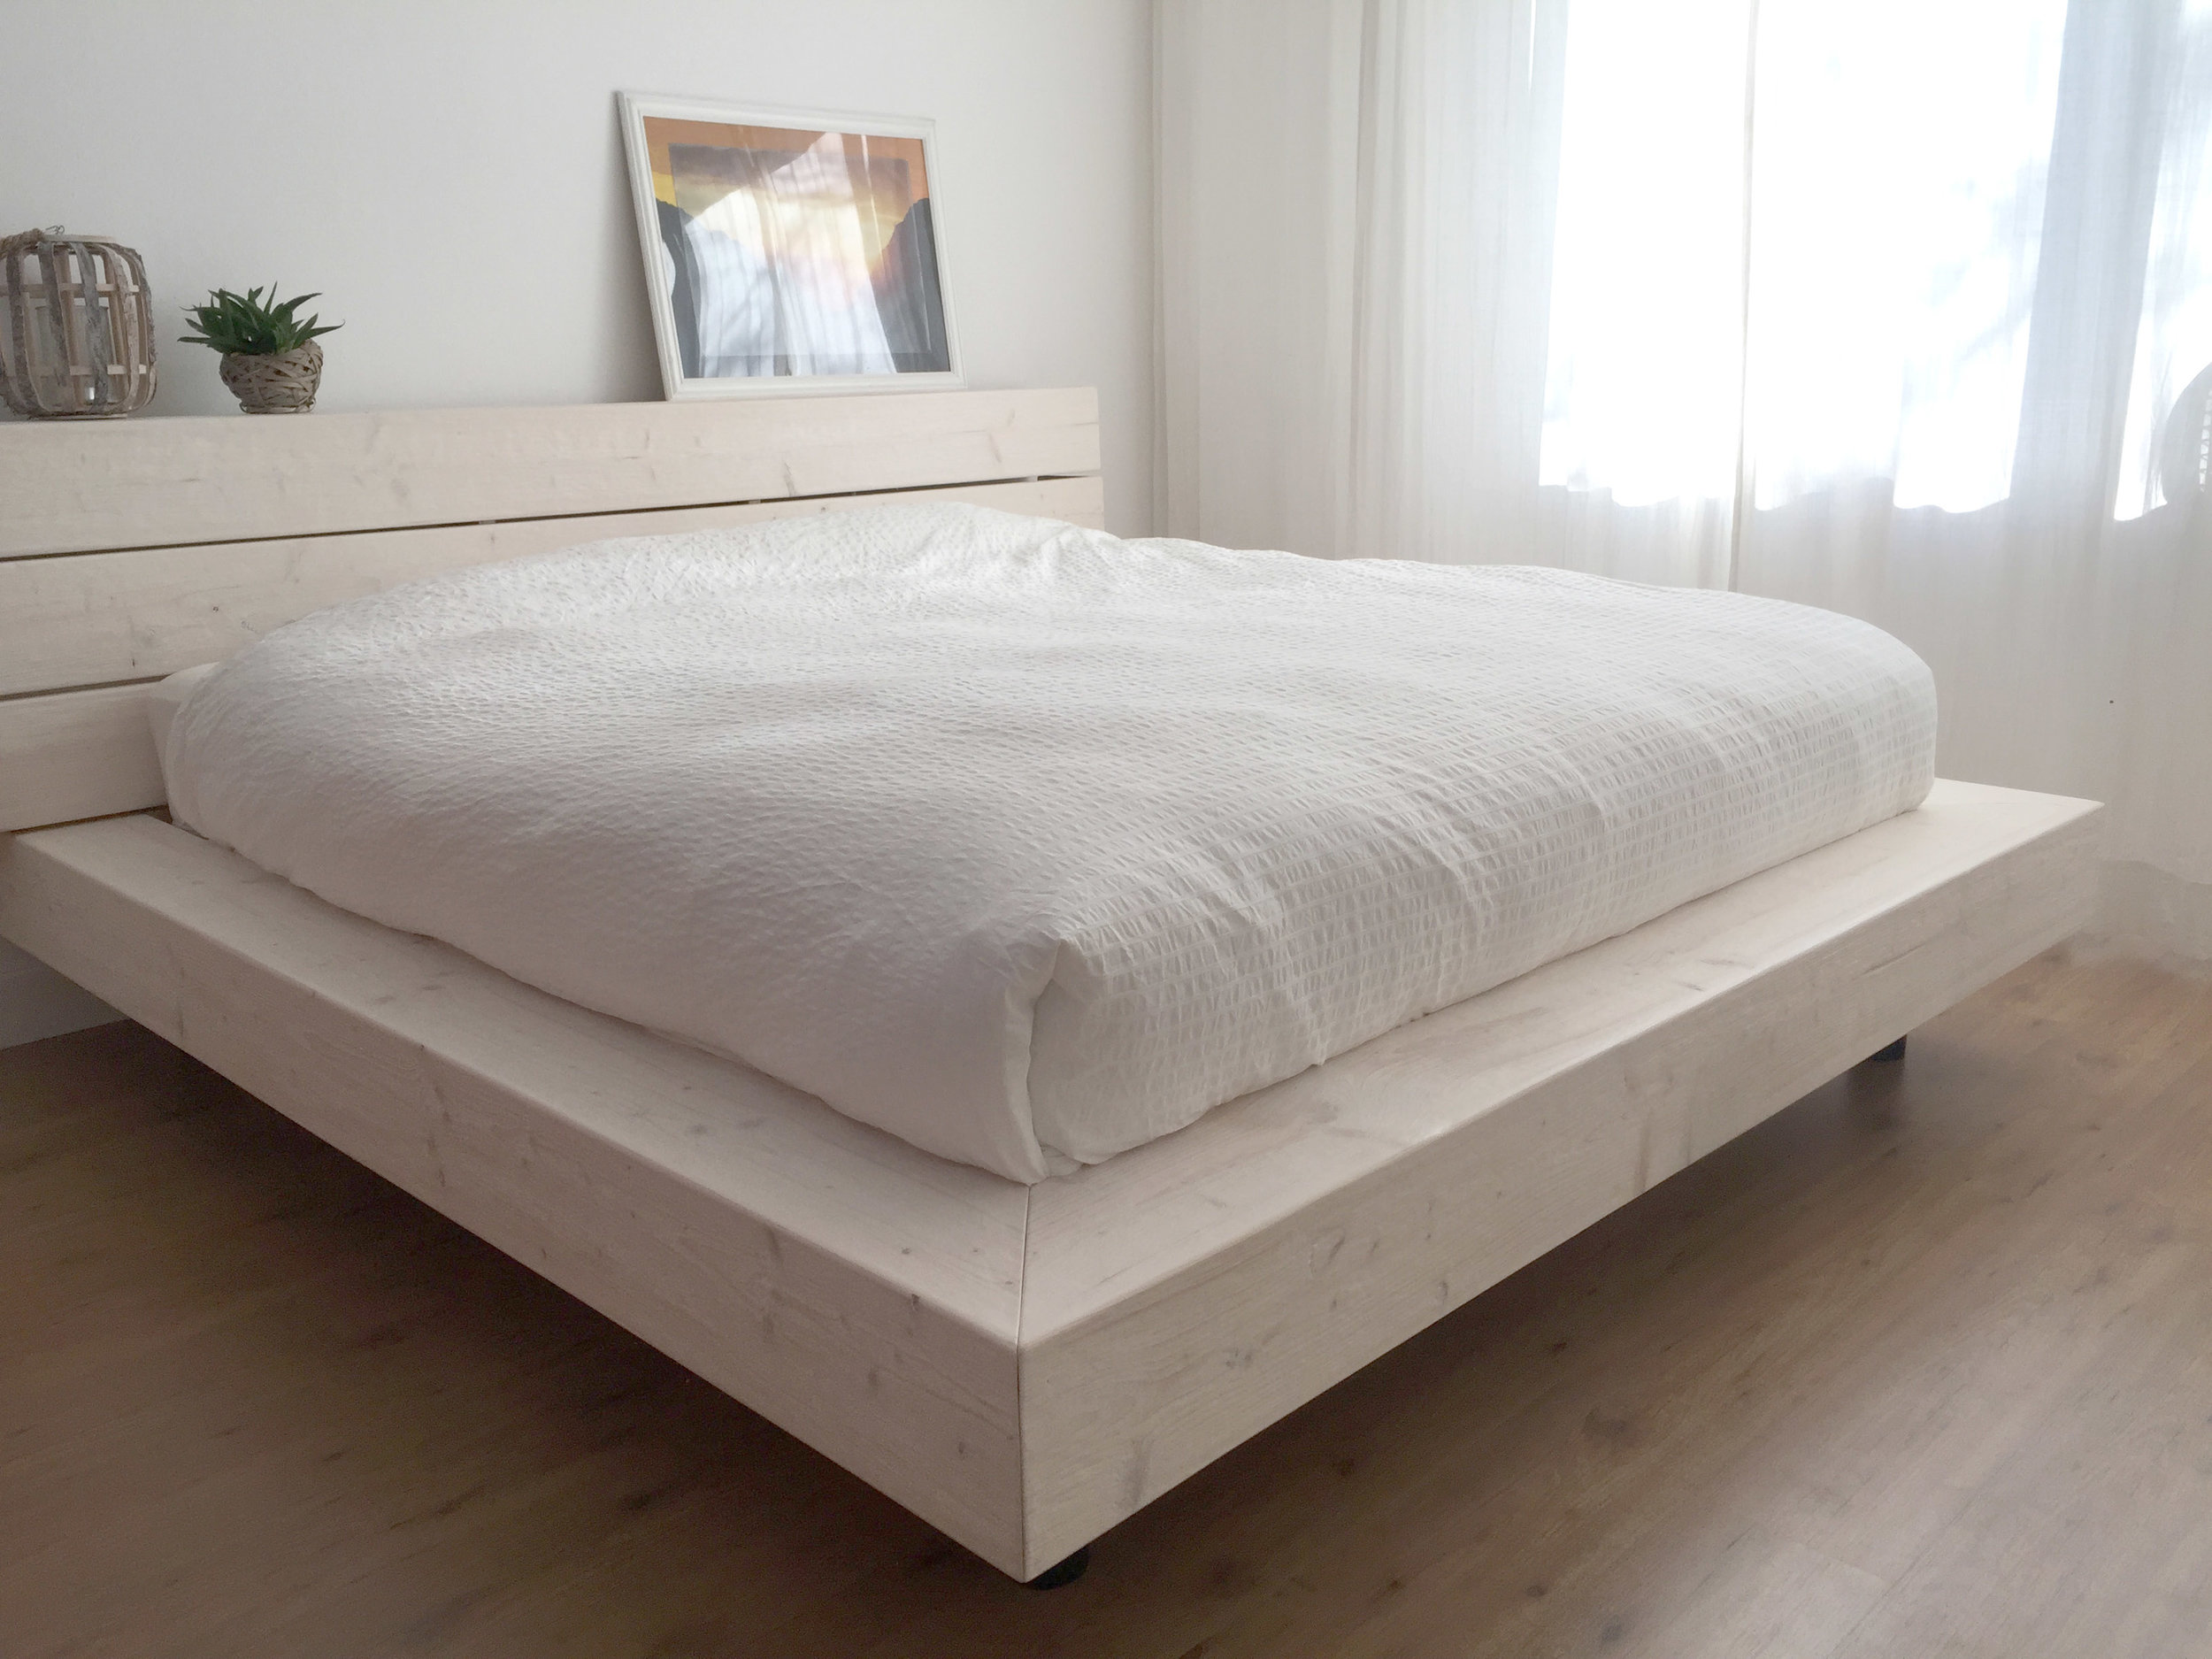 Robuust bed met een dikke matras en wit beddengoed.